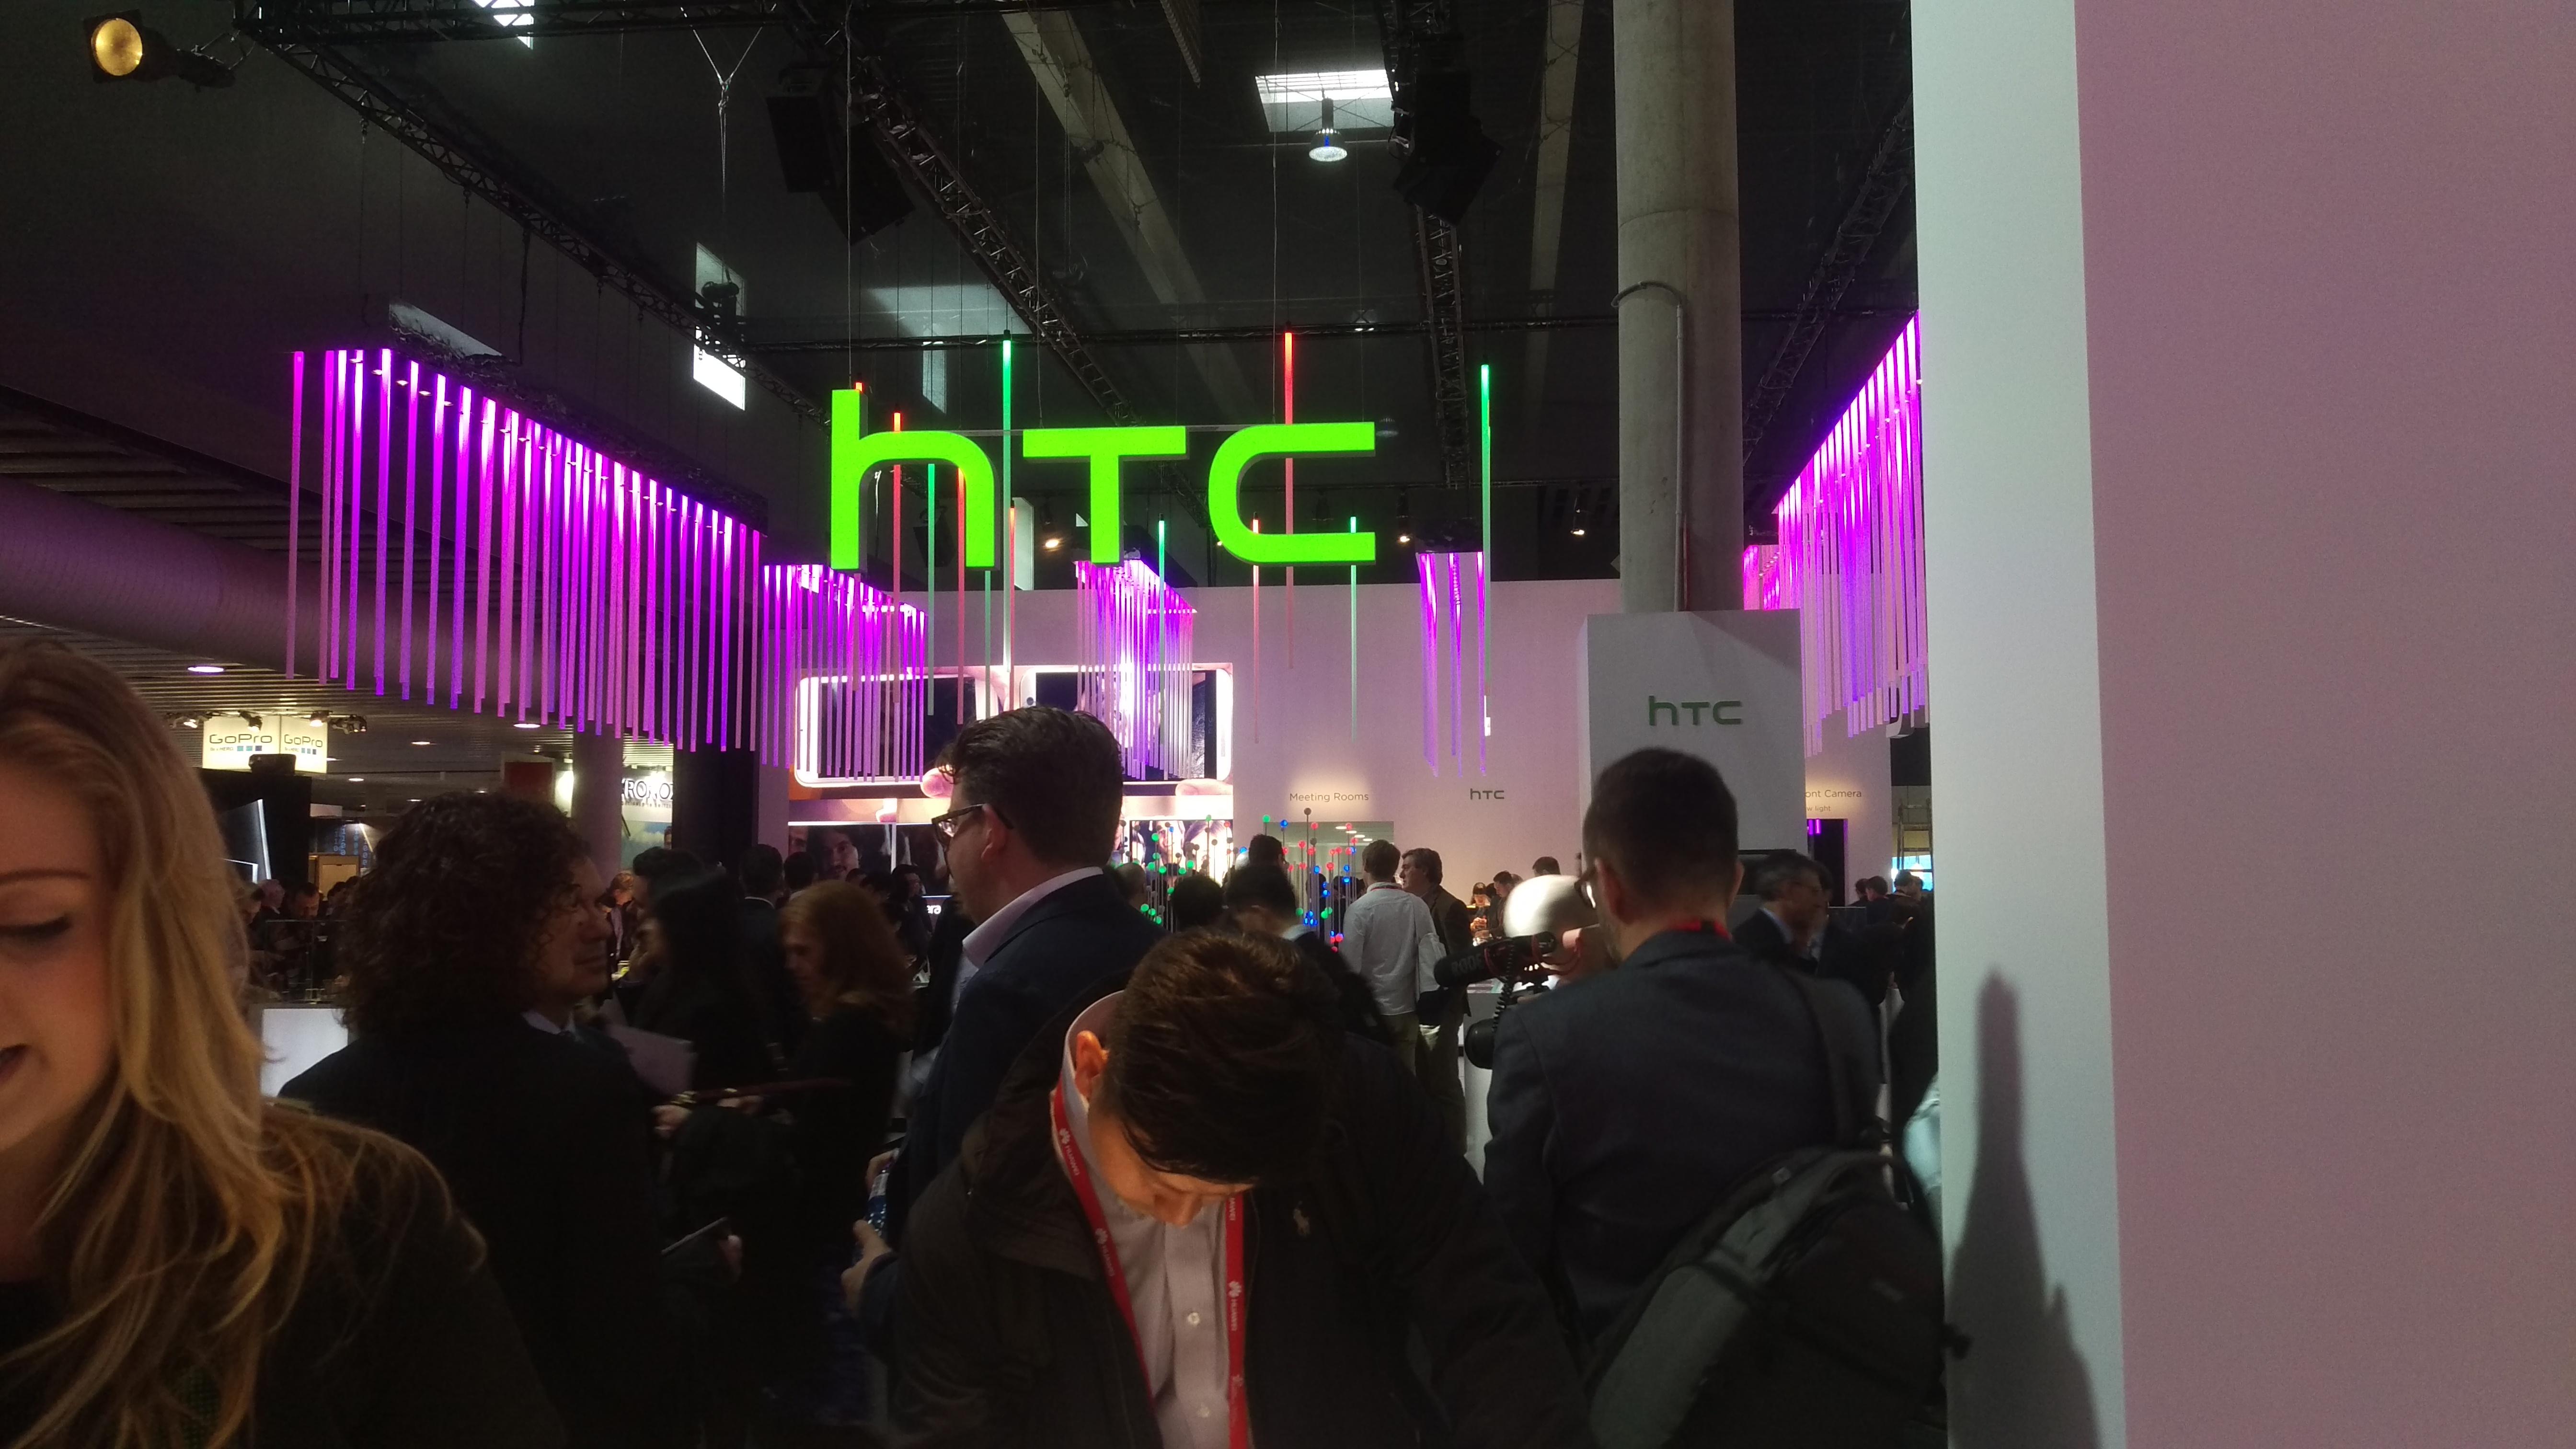 HTC w końcu poszło po rozum do głowy. Oby robiło to częściej